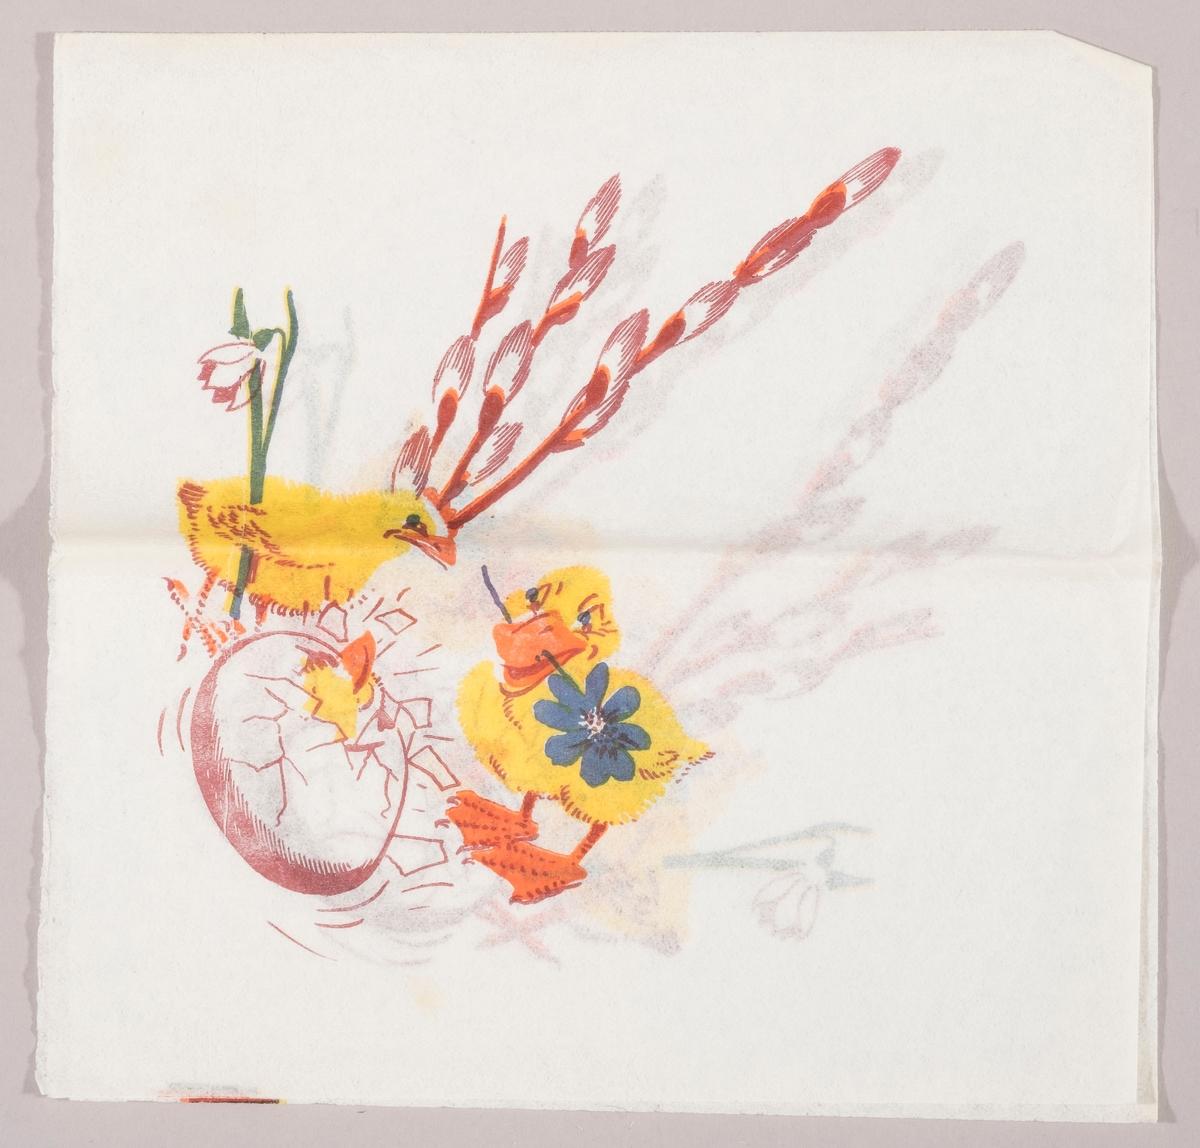 """En kylling med en påskelilje under vingen. En and med et blå blomst i nebbet. Et egg som klekkes. I bakgrunnen """"gåsunger"""" på en grein."""